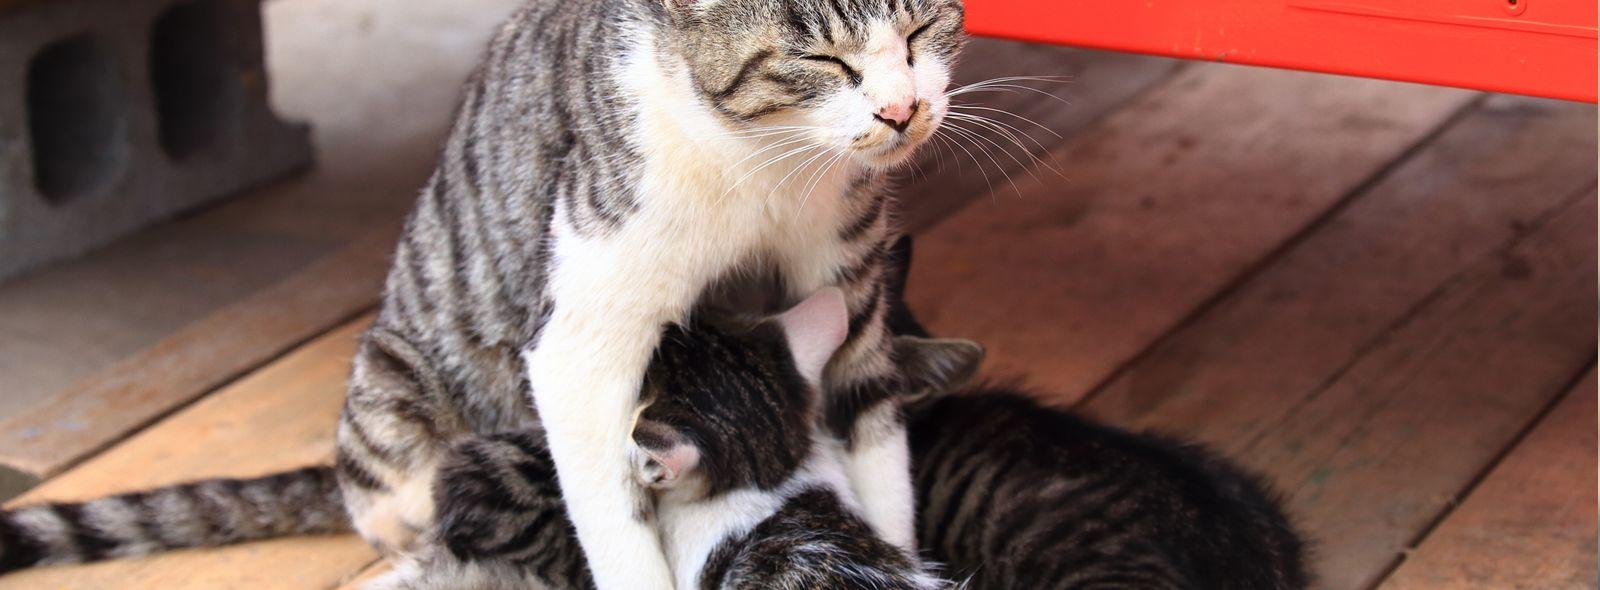 Gravidanza gatto durata